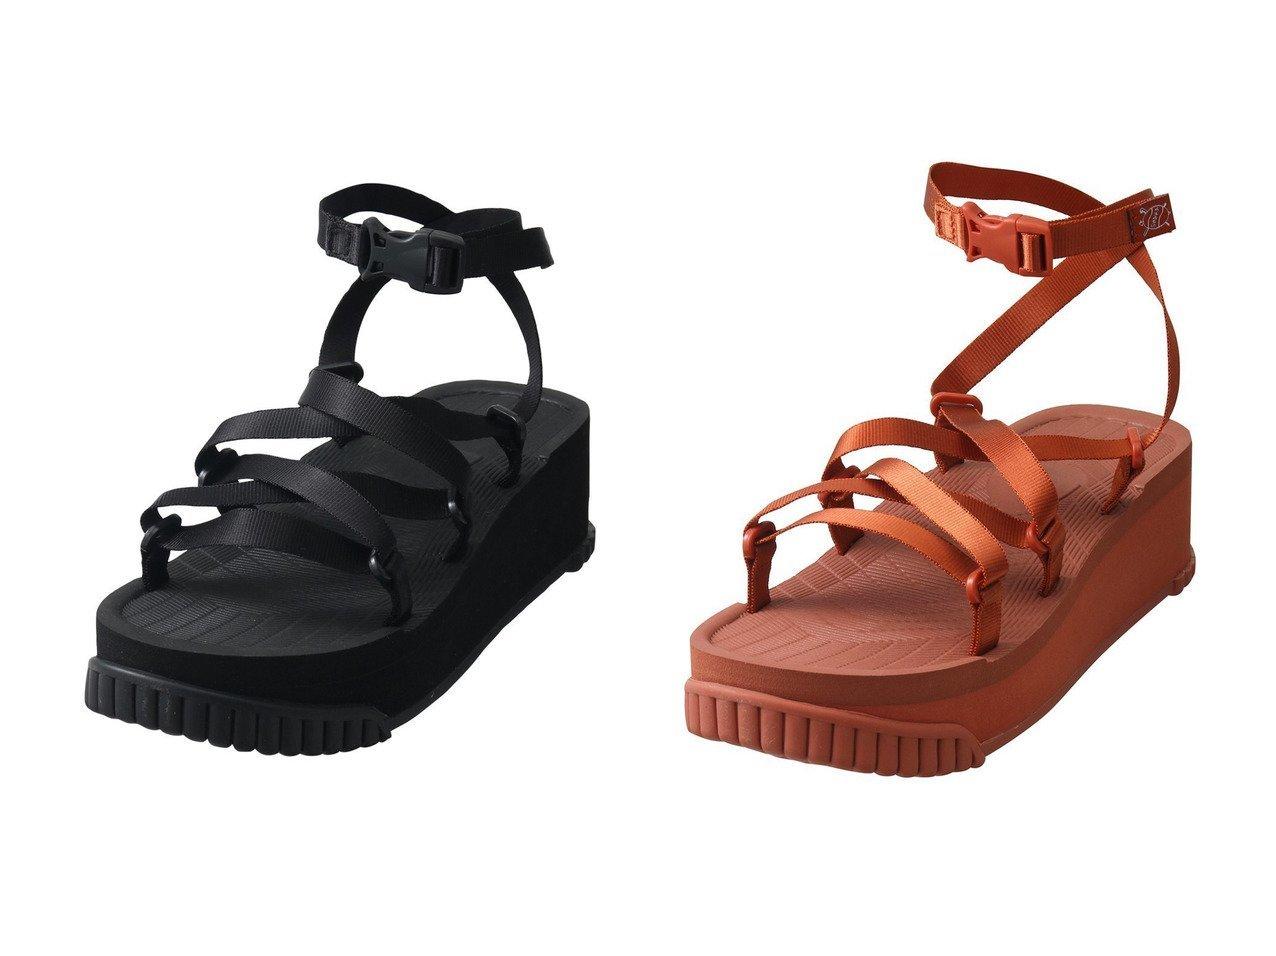 【ROSE BUD/ローズバッド】の【SHAKA】ナダル スキニー 【シューズ・靴】おすすめ!人気、トレンド・レディースファッションの通販 おすすめで人気の流行・トレンド、ファッションの通販商品 インテリア・家具・メンズファッション・キッズファッション・レディースファッション・服の通販 founy(ファニー) https://founy.com/ ファッション Fashion レディースファッション WOMEN サンダル スキニー スポーツ スポーティ ソックス トラベル 人気  ID:crp329100000048138